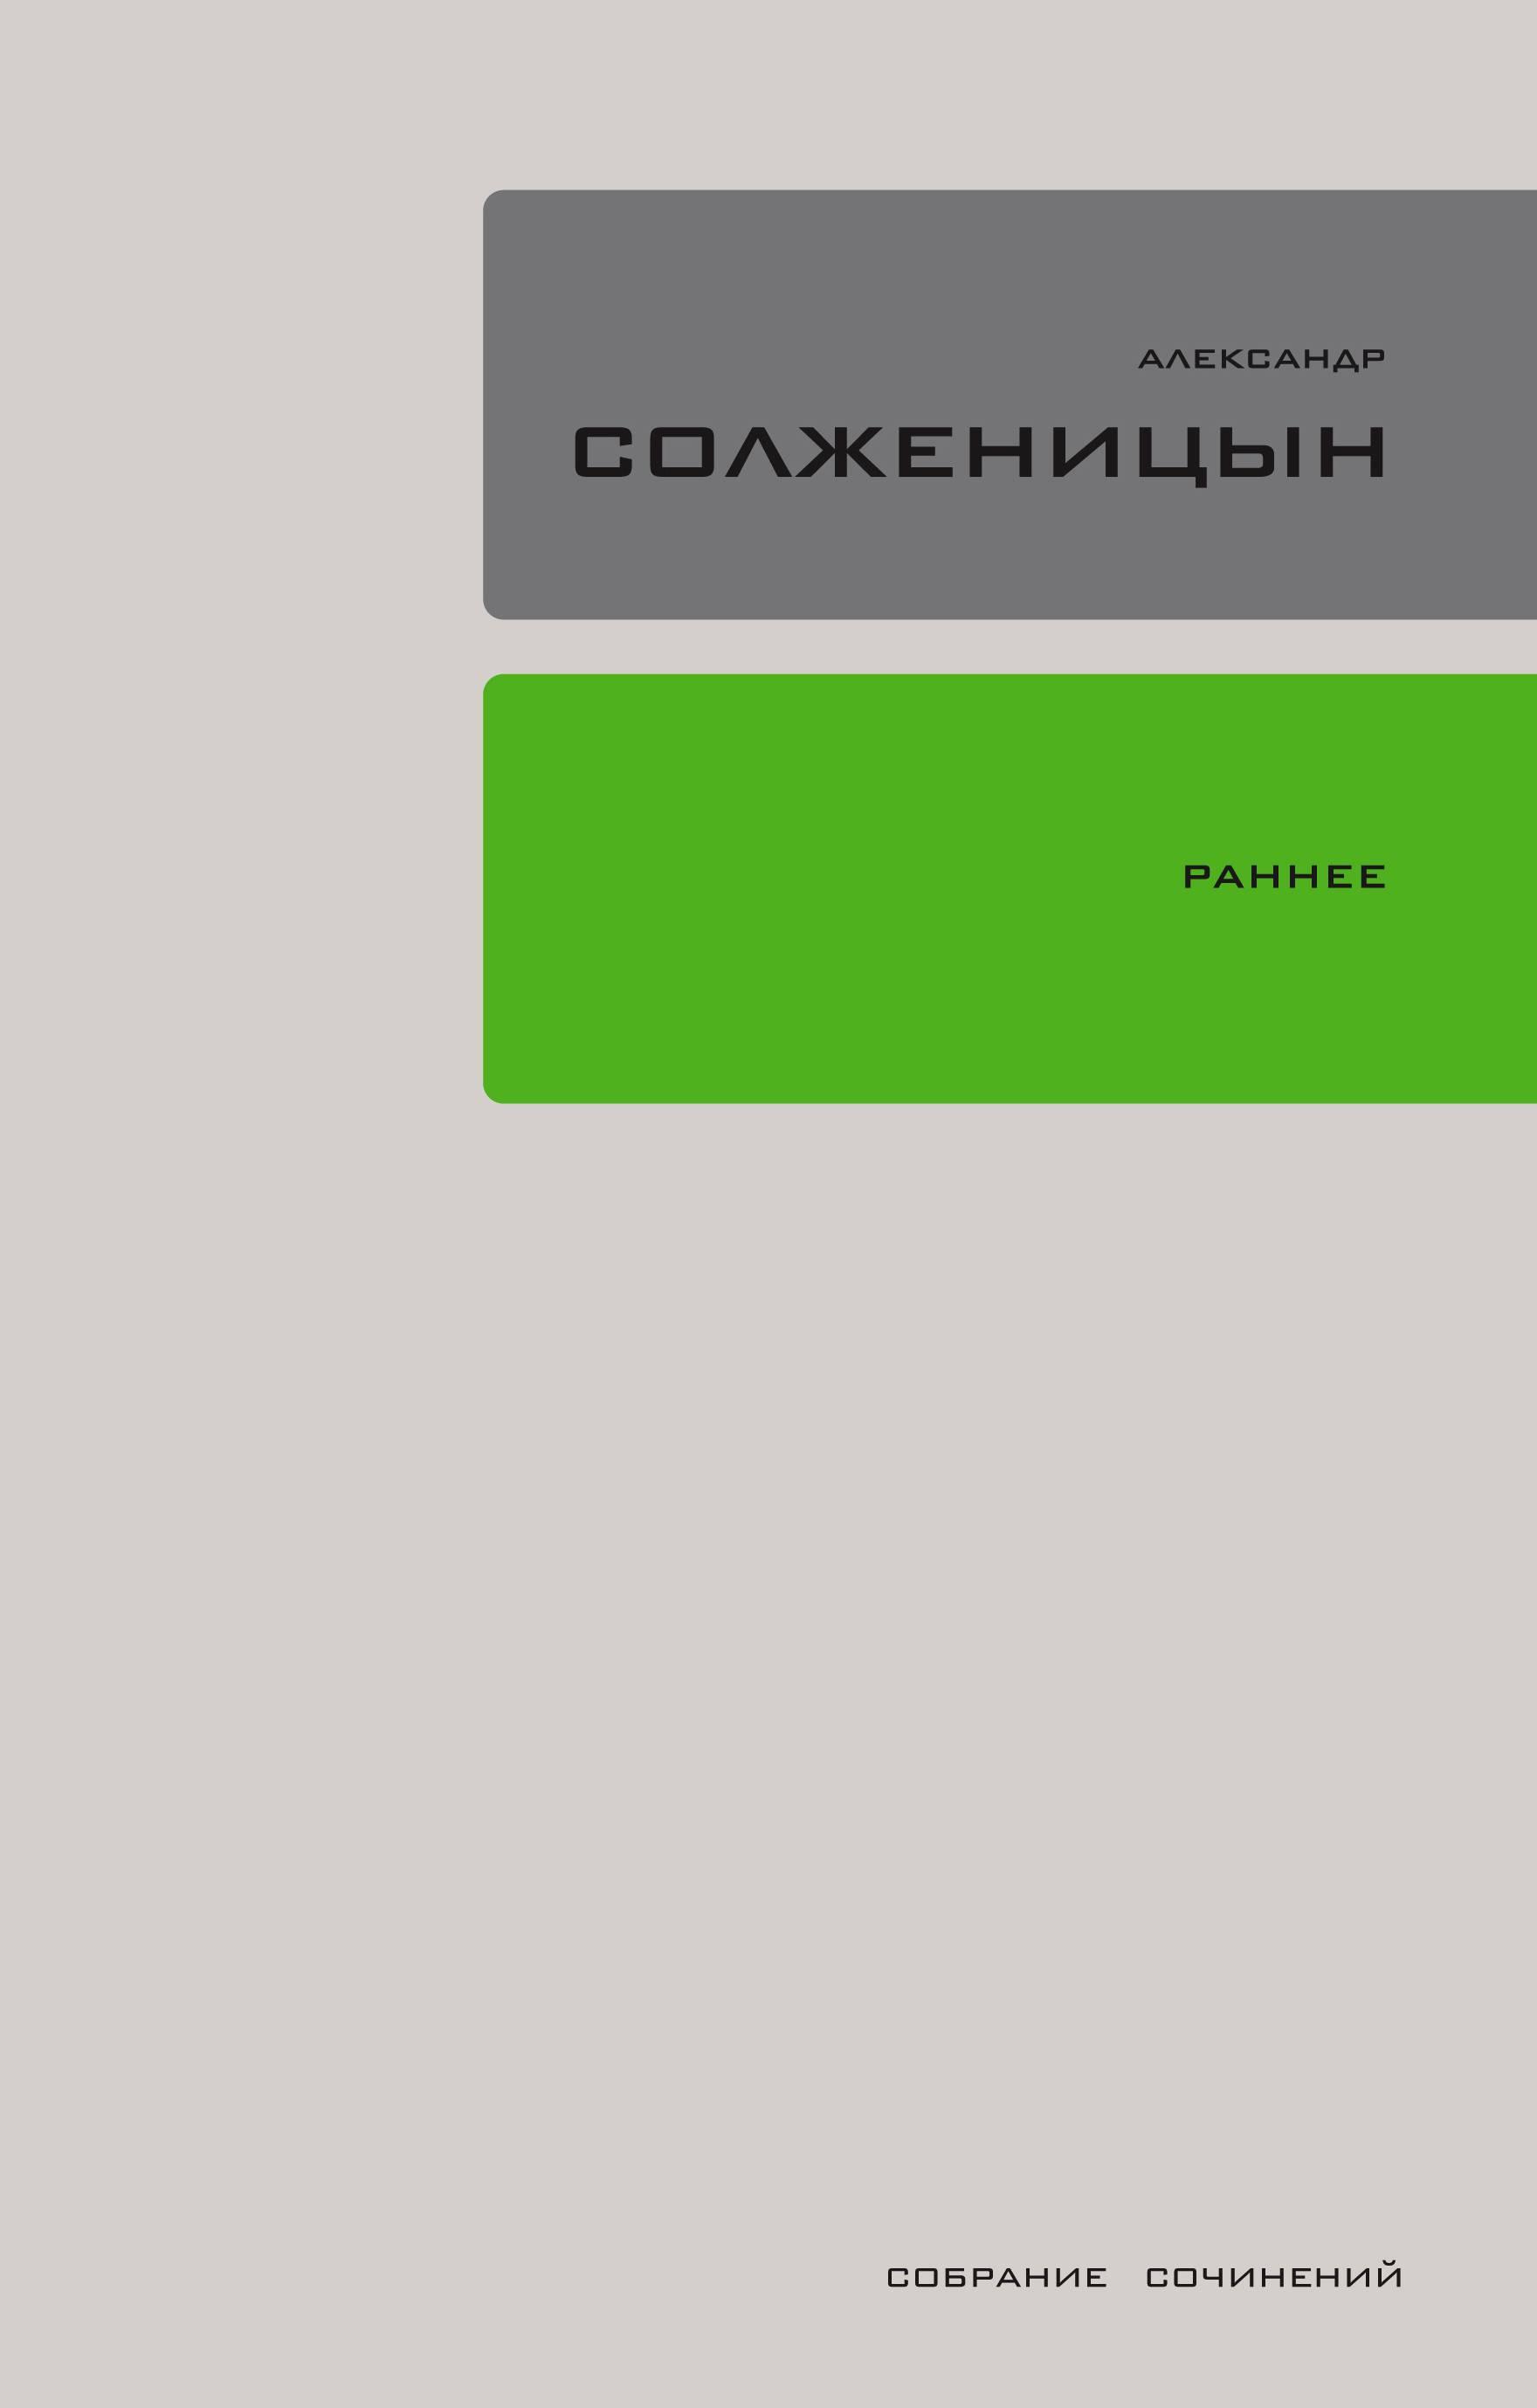 Собрание сочинений в 30 томах. Том 18. Раннее (2016)